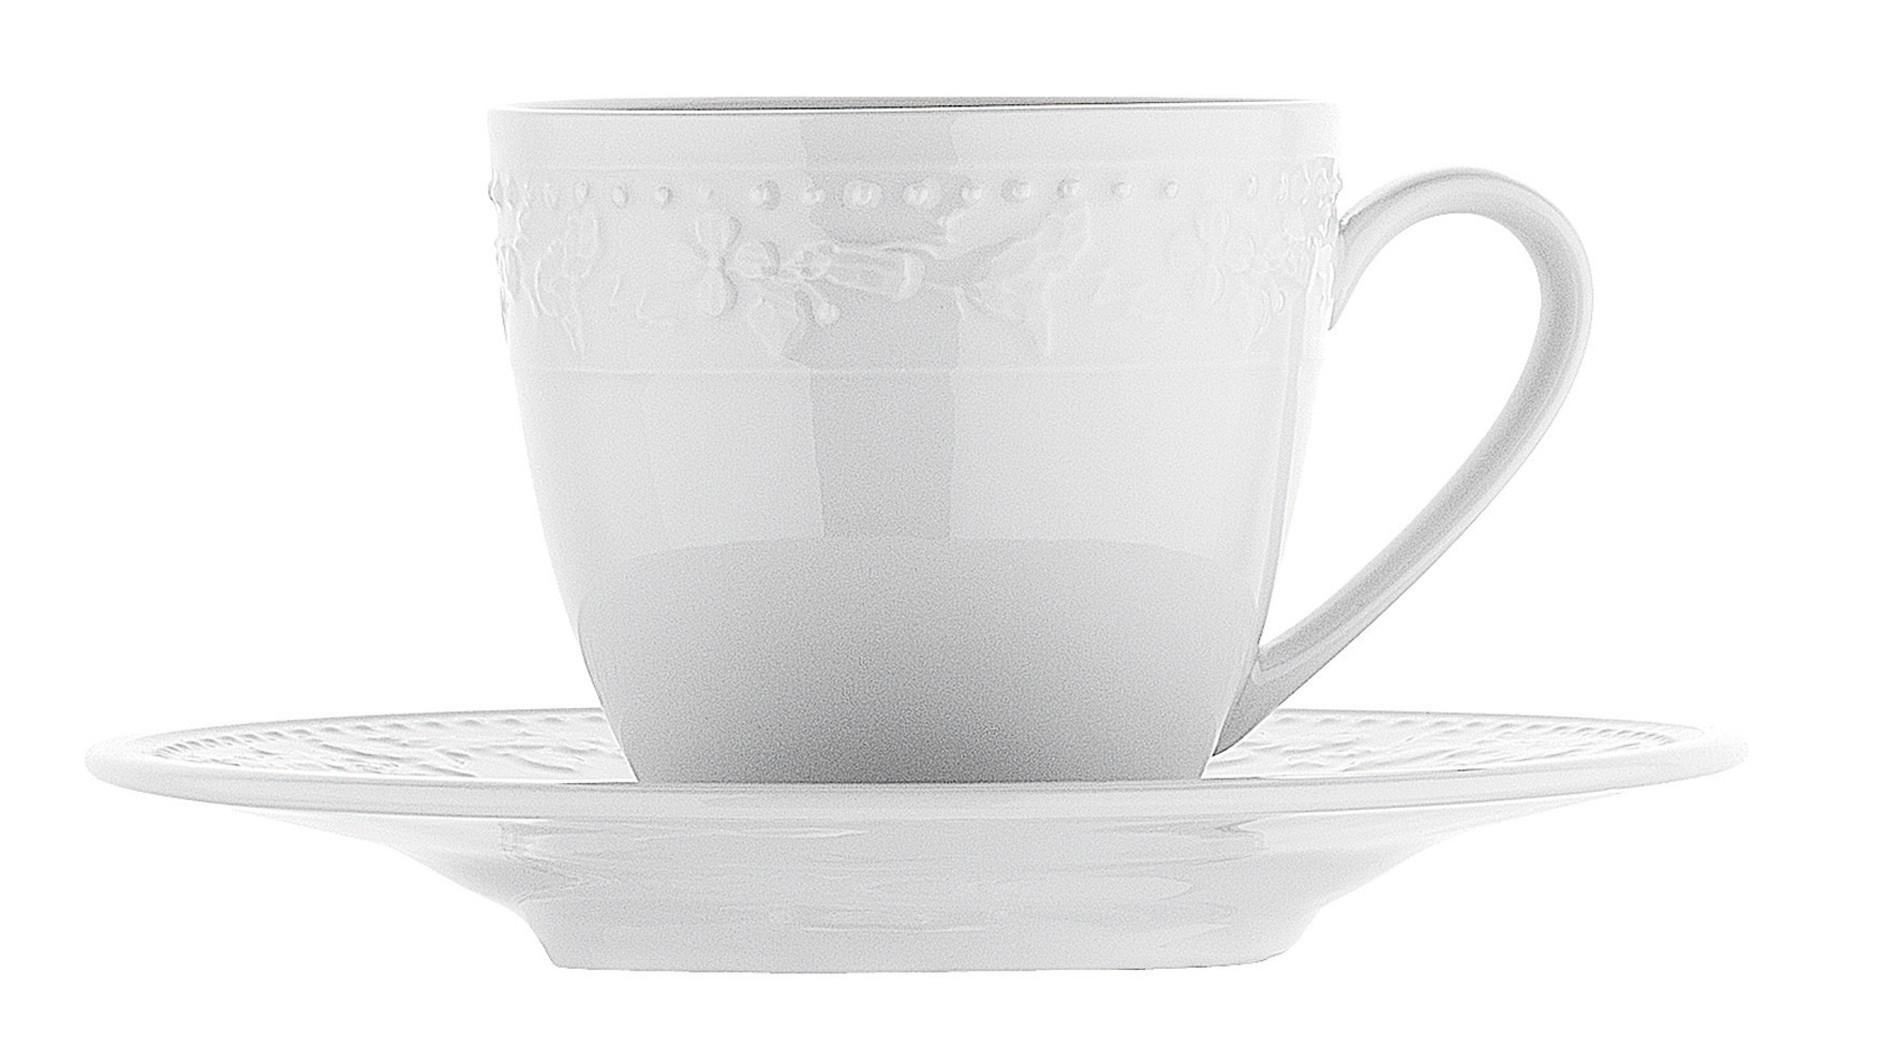 φλυτζάνι espresso ionia Δήμητρα σετ 6 τεμάχια home   ειδη cafe τσαϊ   κούπες   φλυτζάνια